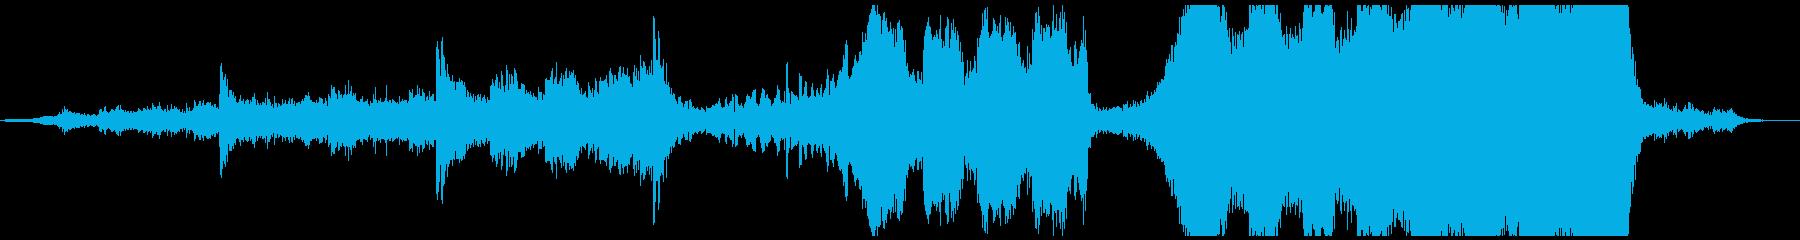 ミドルテンポの映画風トレーラー音楽の再生済みの波形